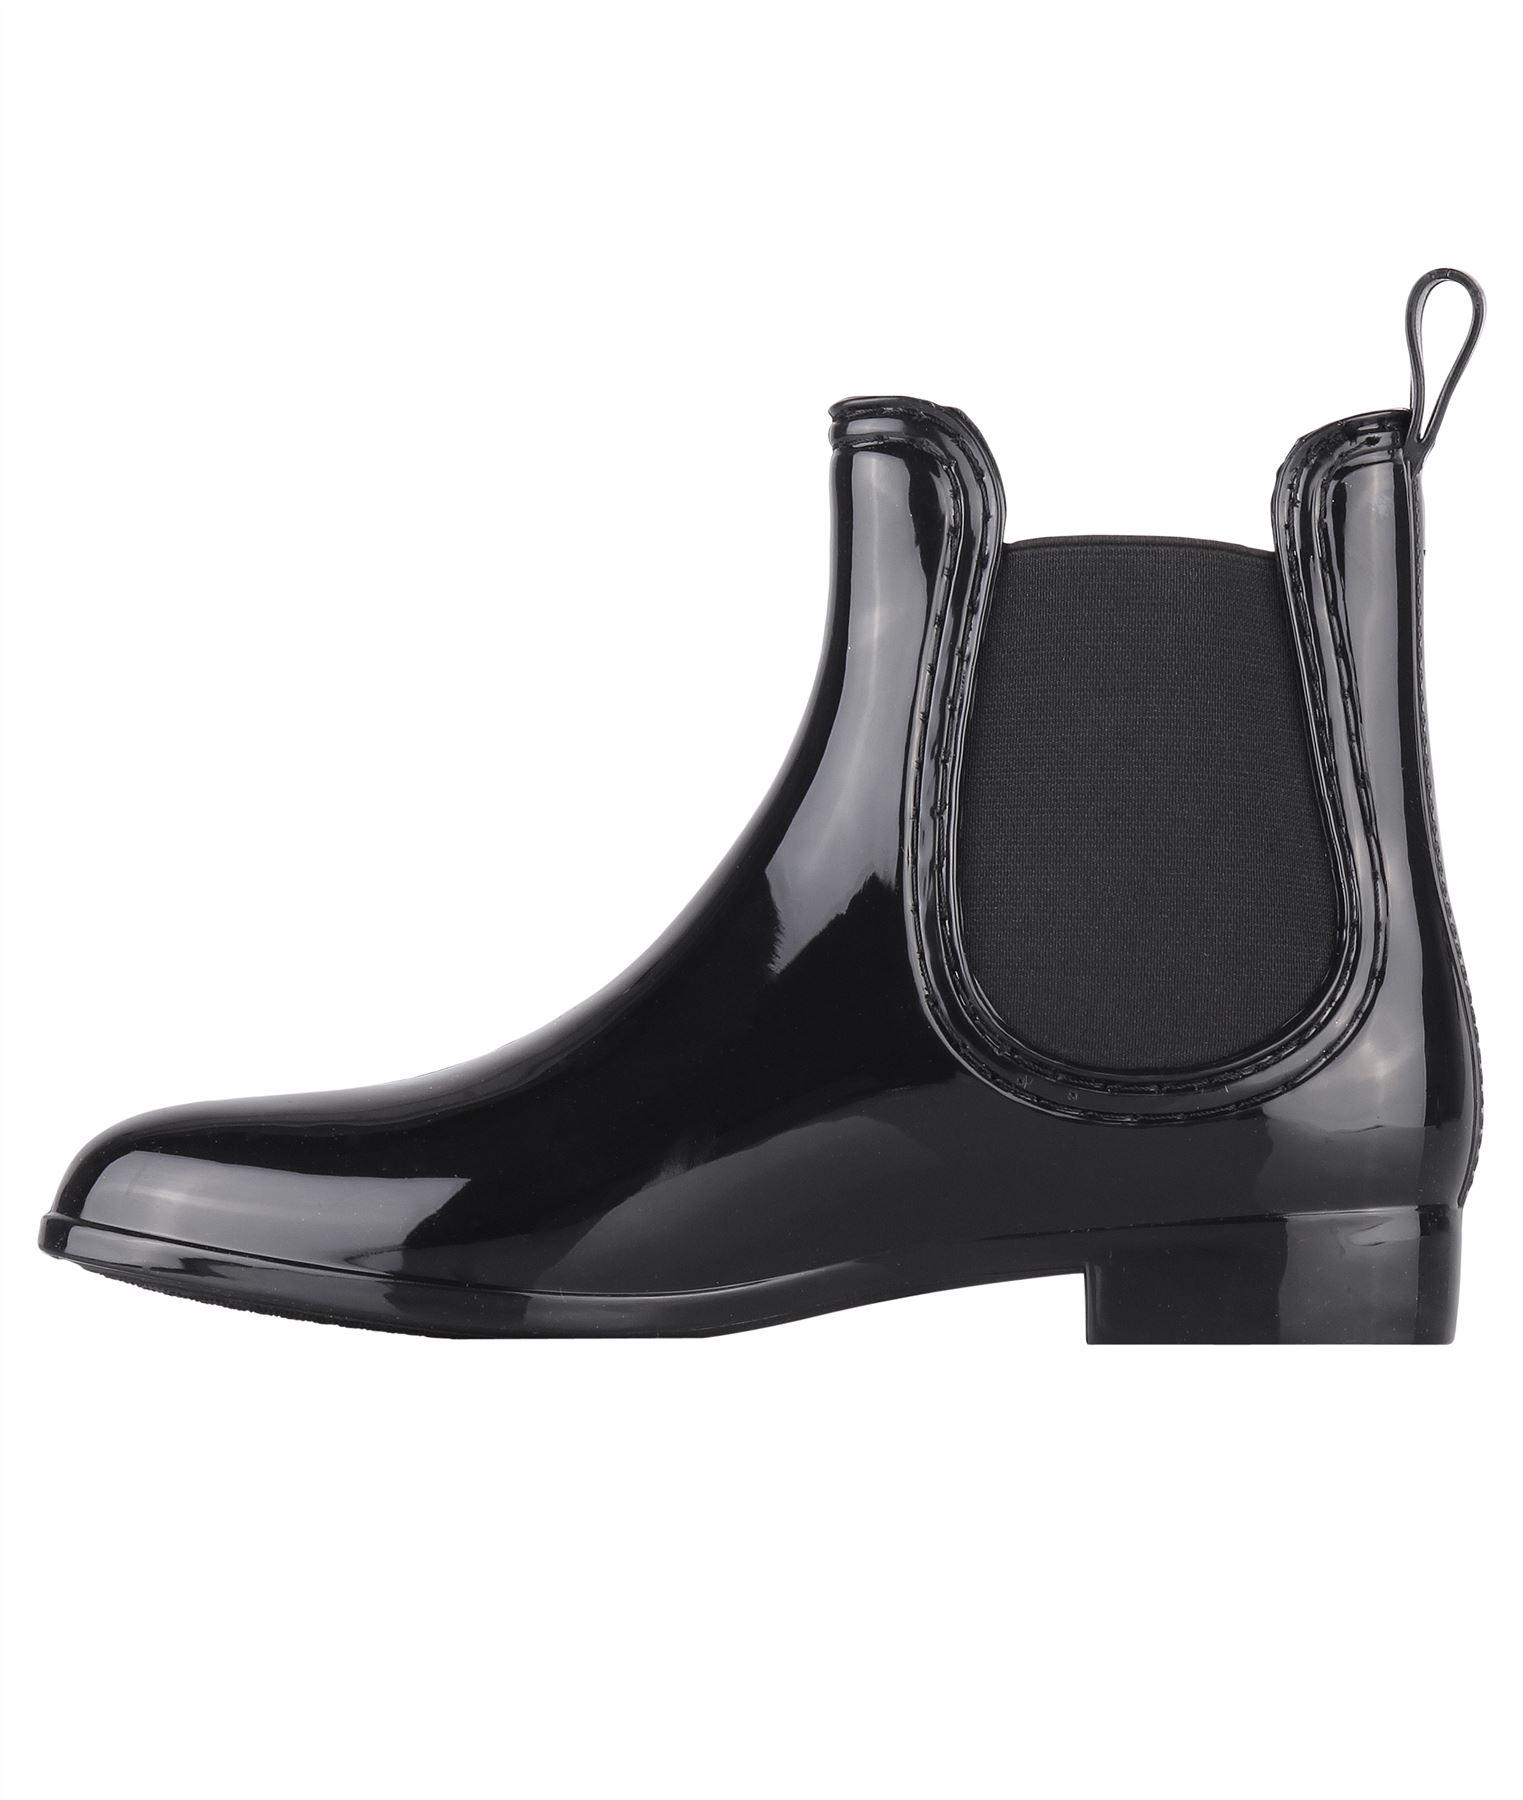 Botas-Agua-Mujer-Barata-Original-Botines-Moda-Comodas-Calzado-Elastico-Juveniles miniatura 37